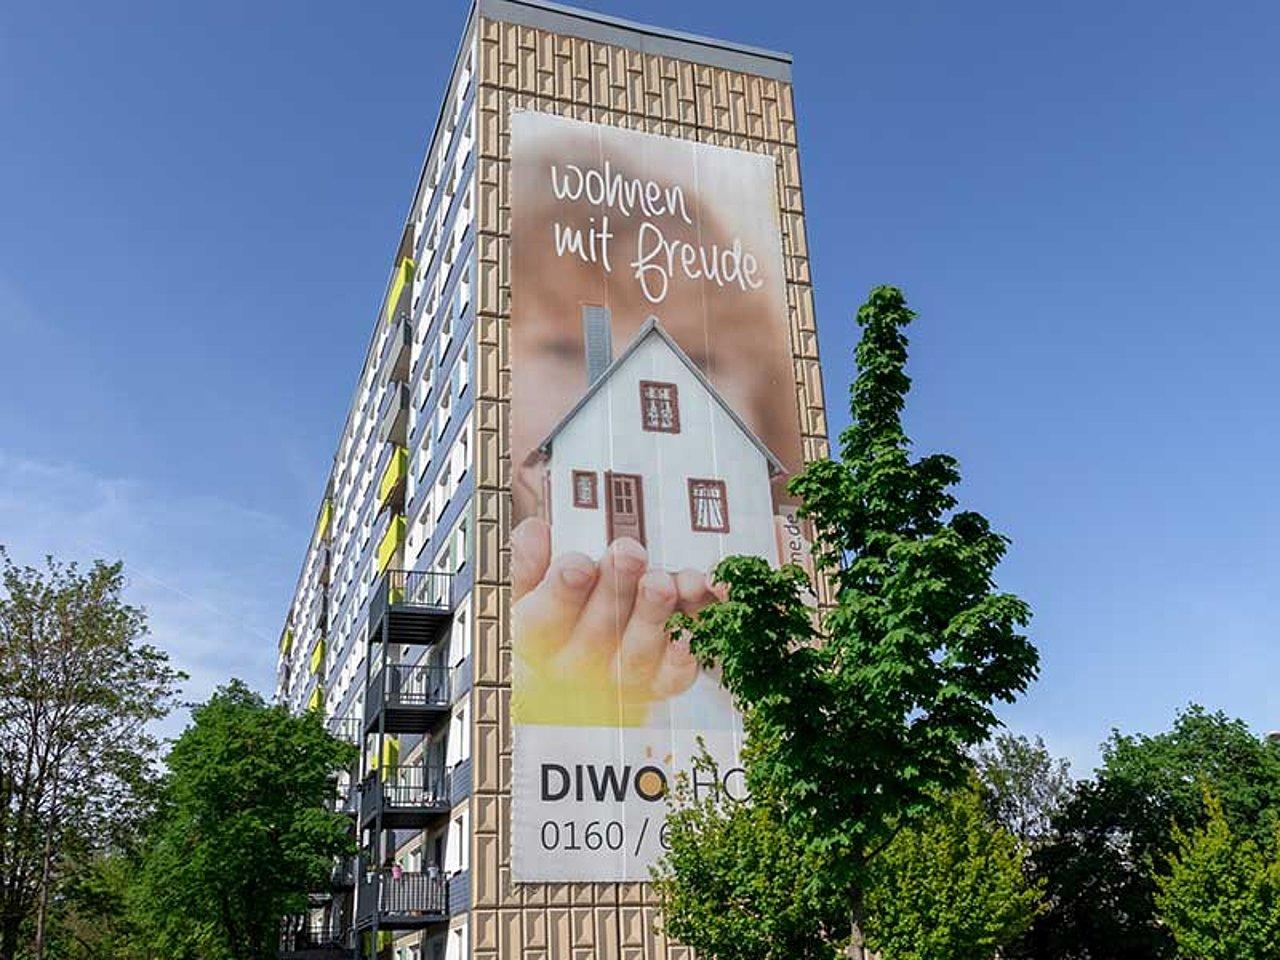 csm_DIWO-Home-Halle-Aussen2_4eb96f1bc7